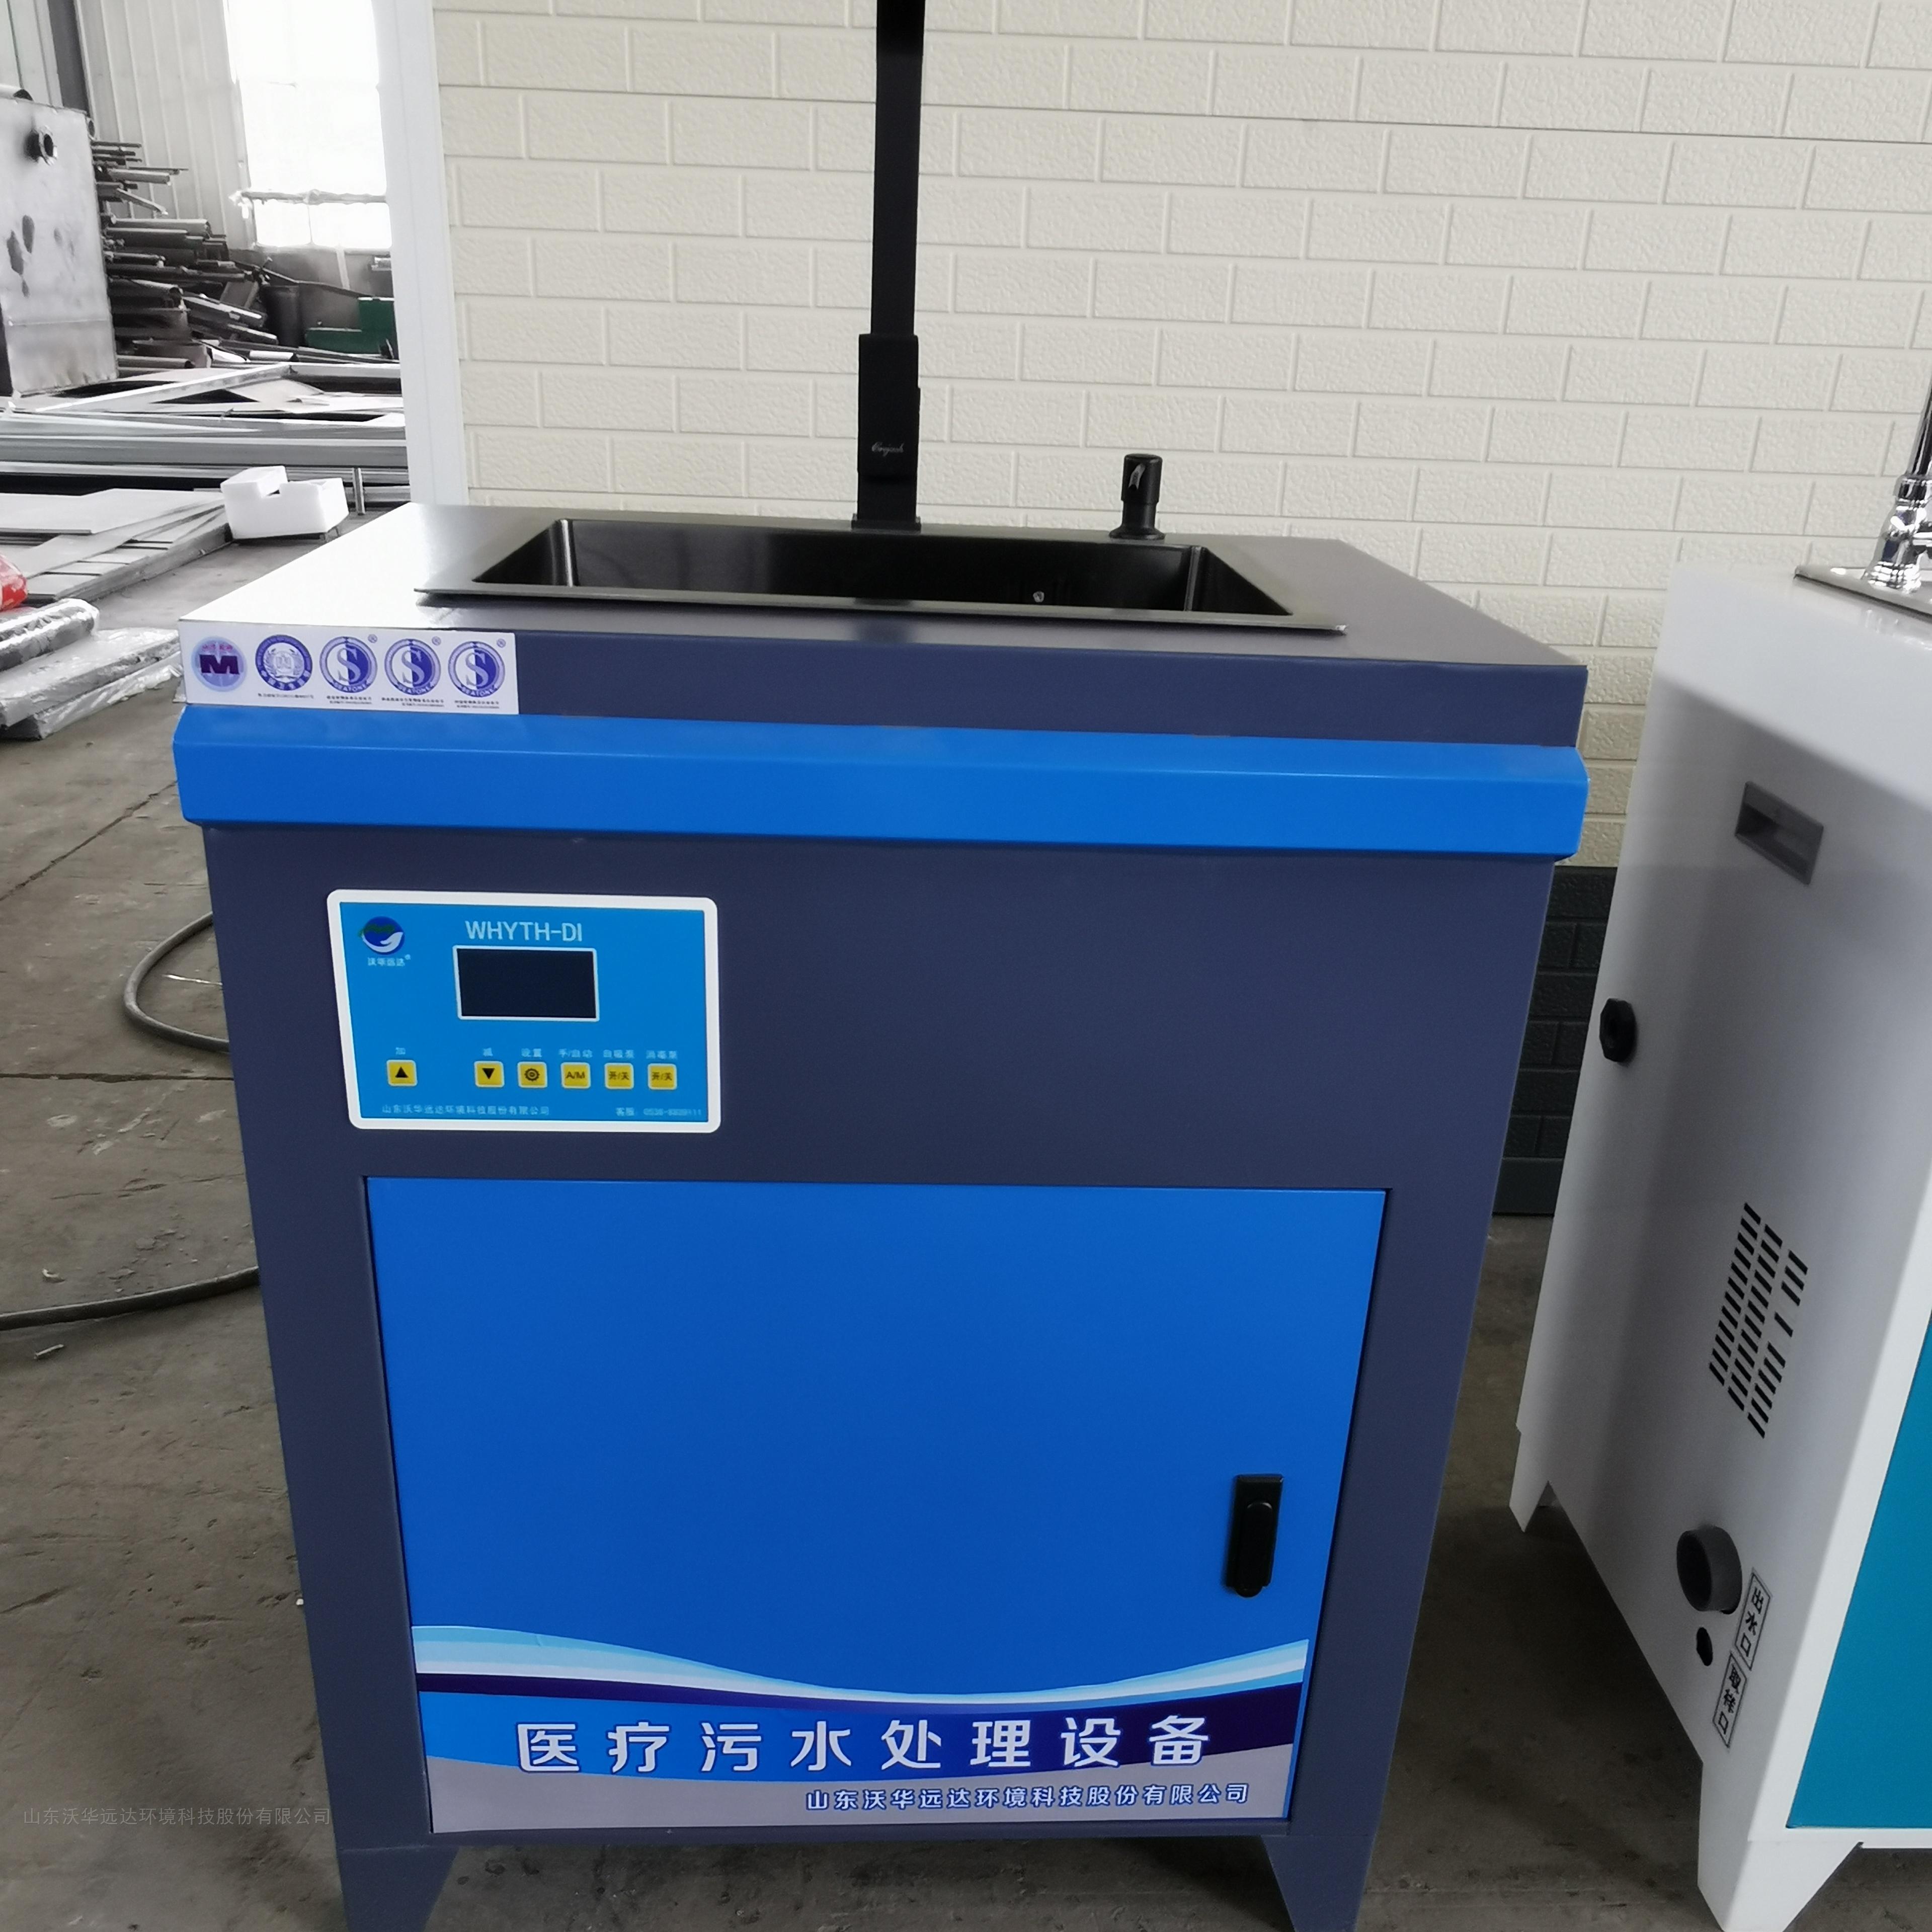 安阳口腔诊所污水处理设备